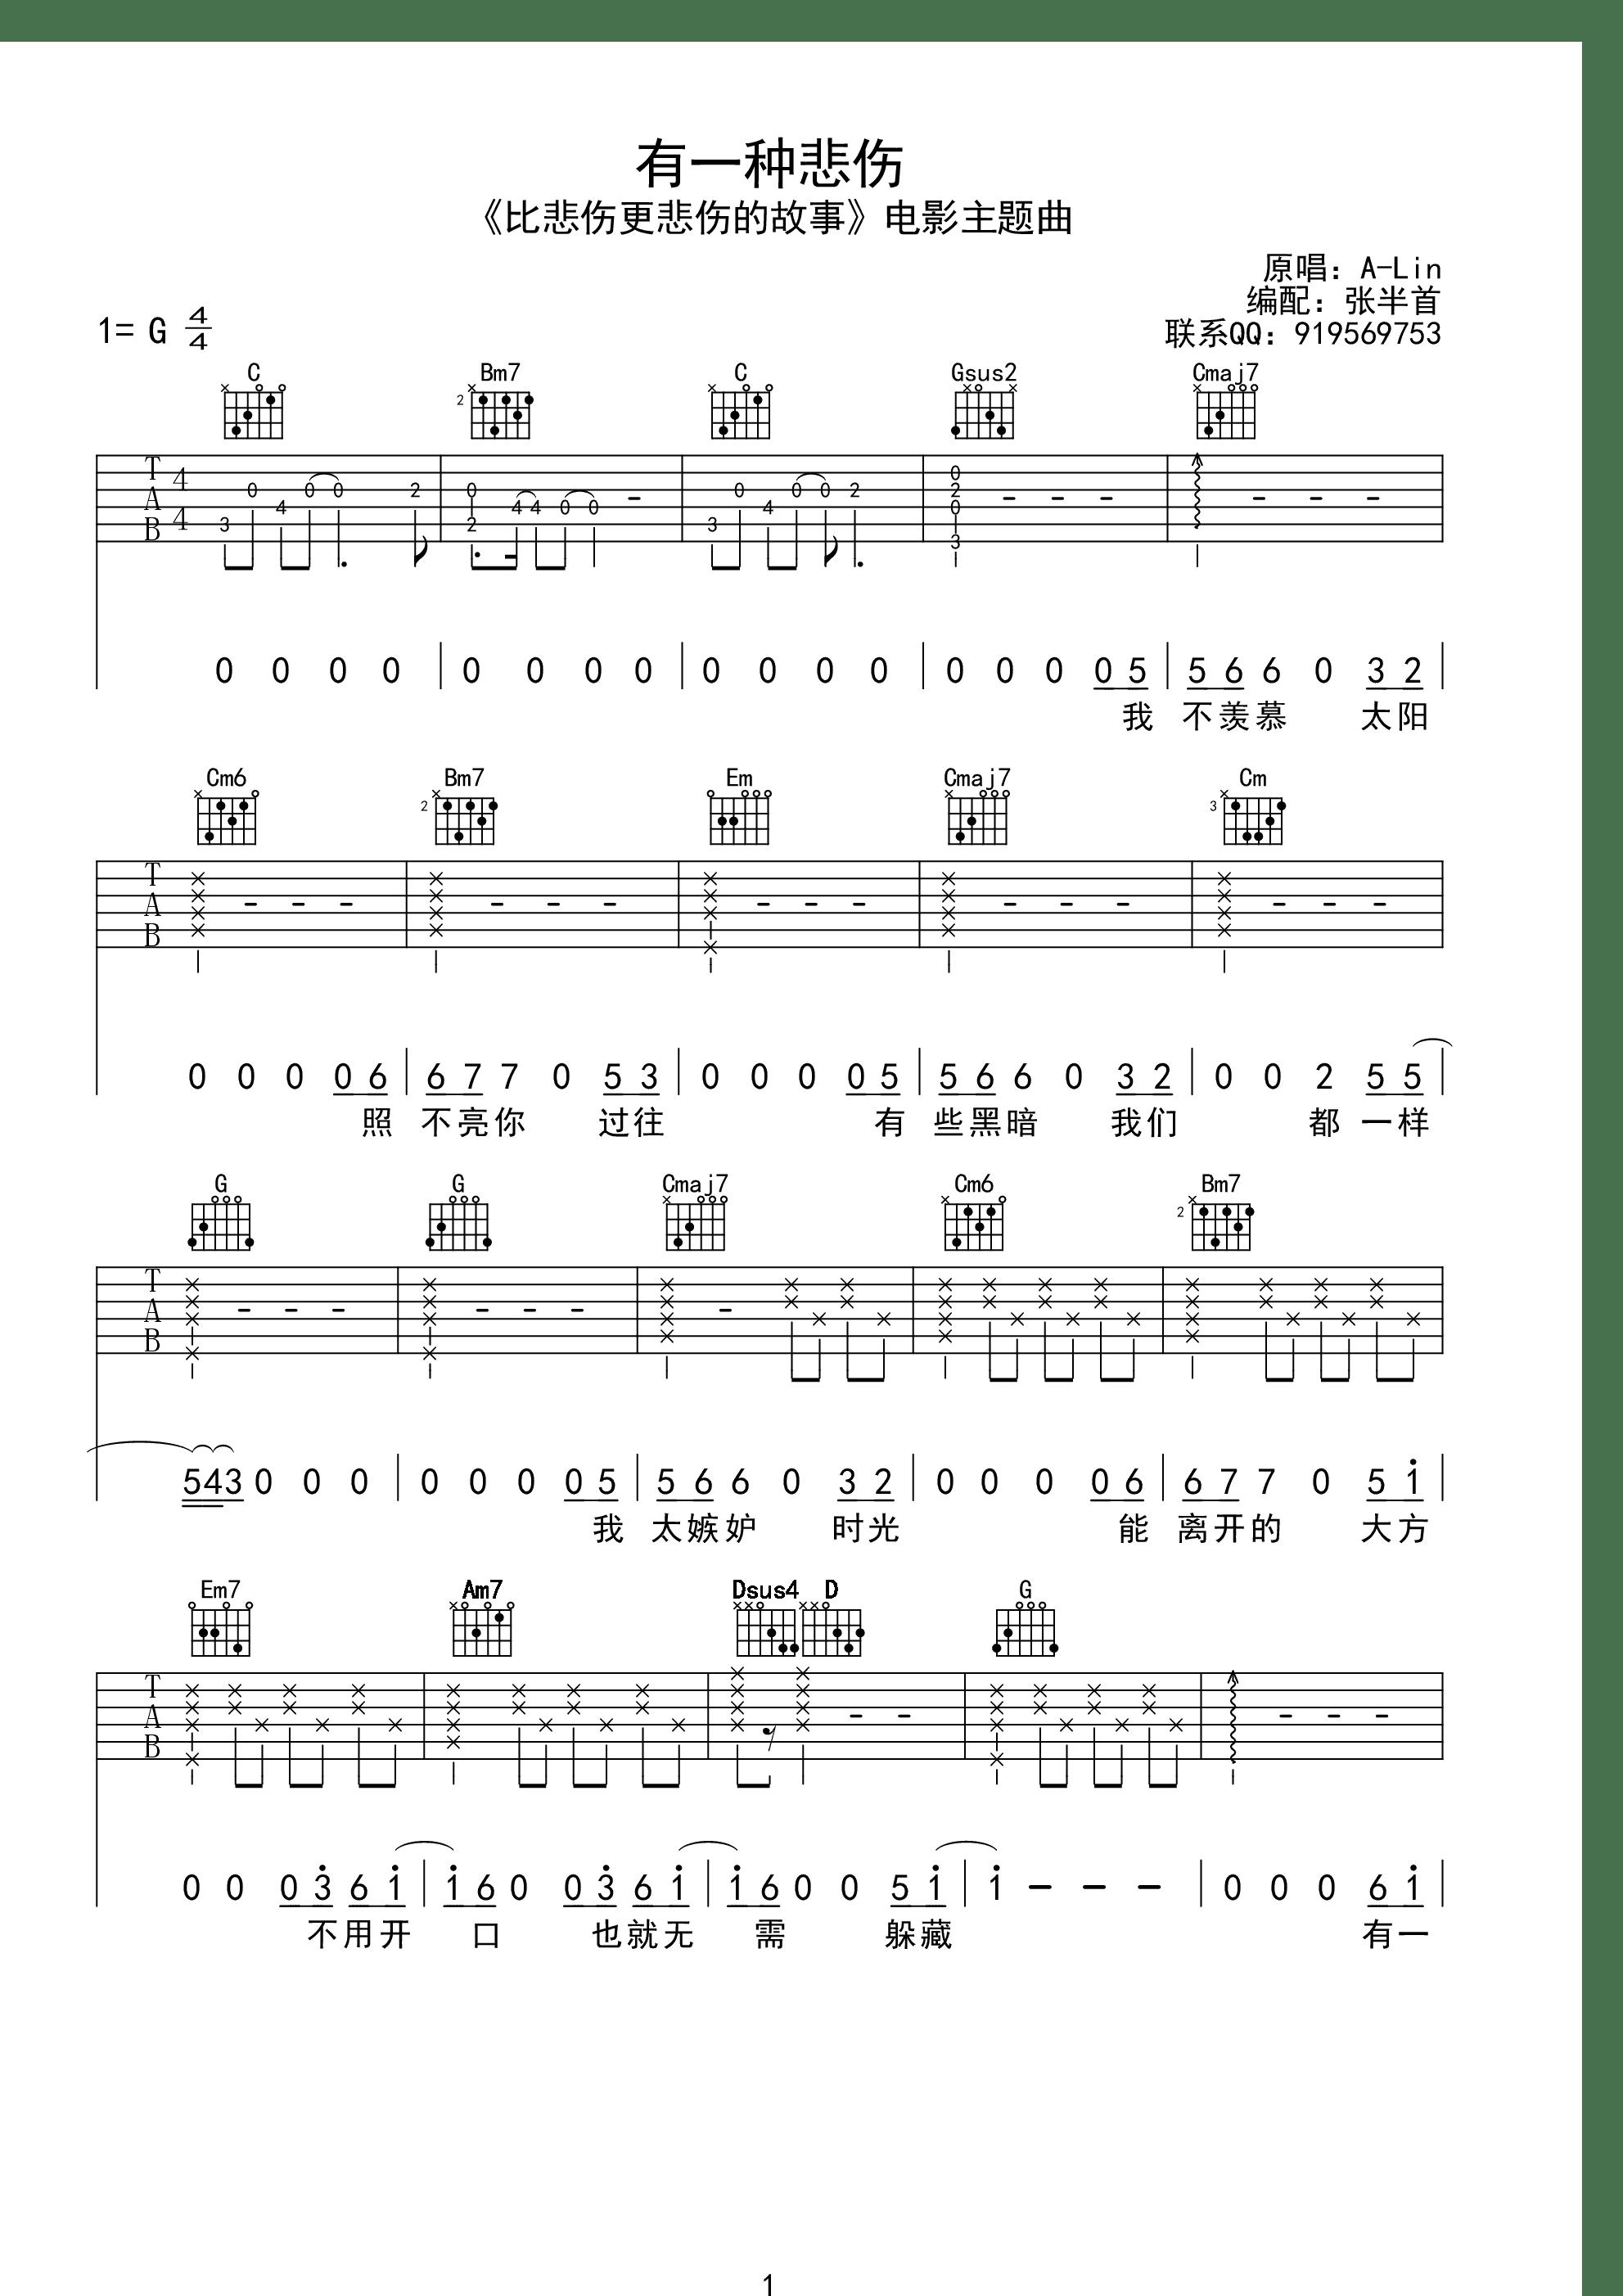 有一种悲伤(《比悲伤更悲伤的故事》电影主题曲)吉他谱1